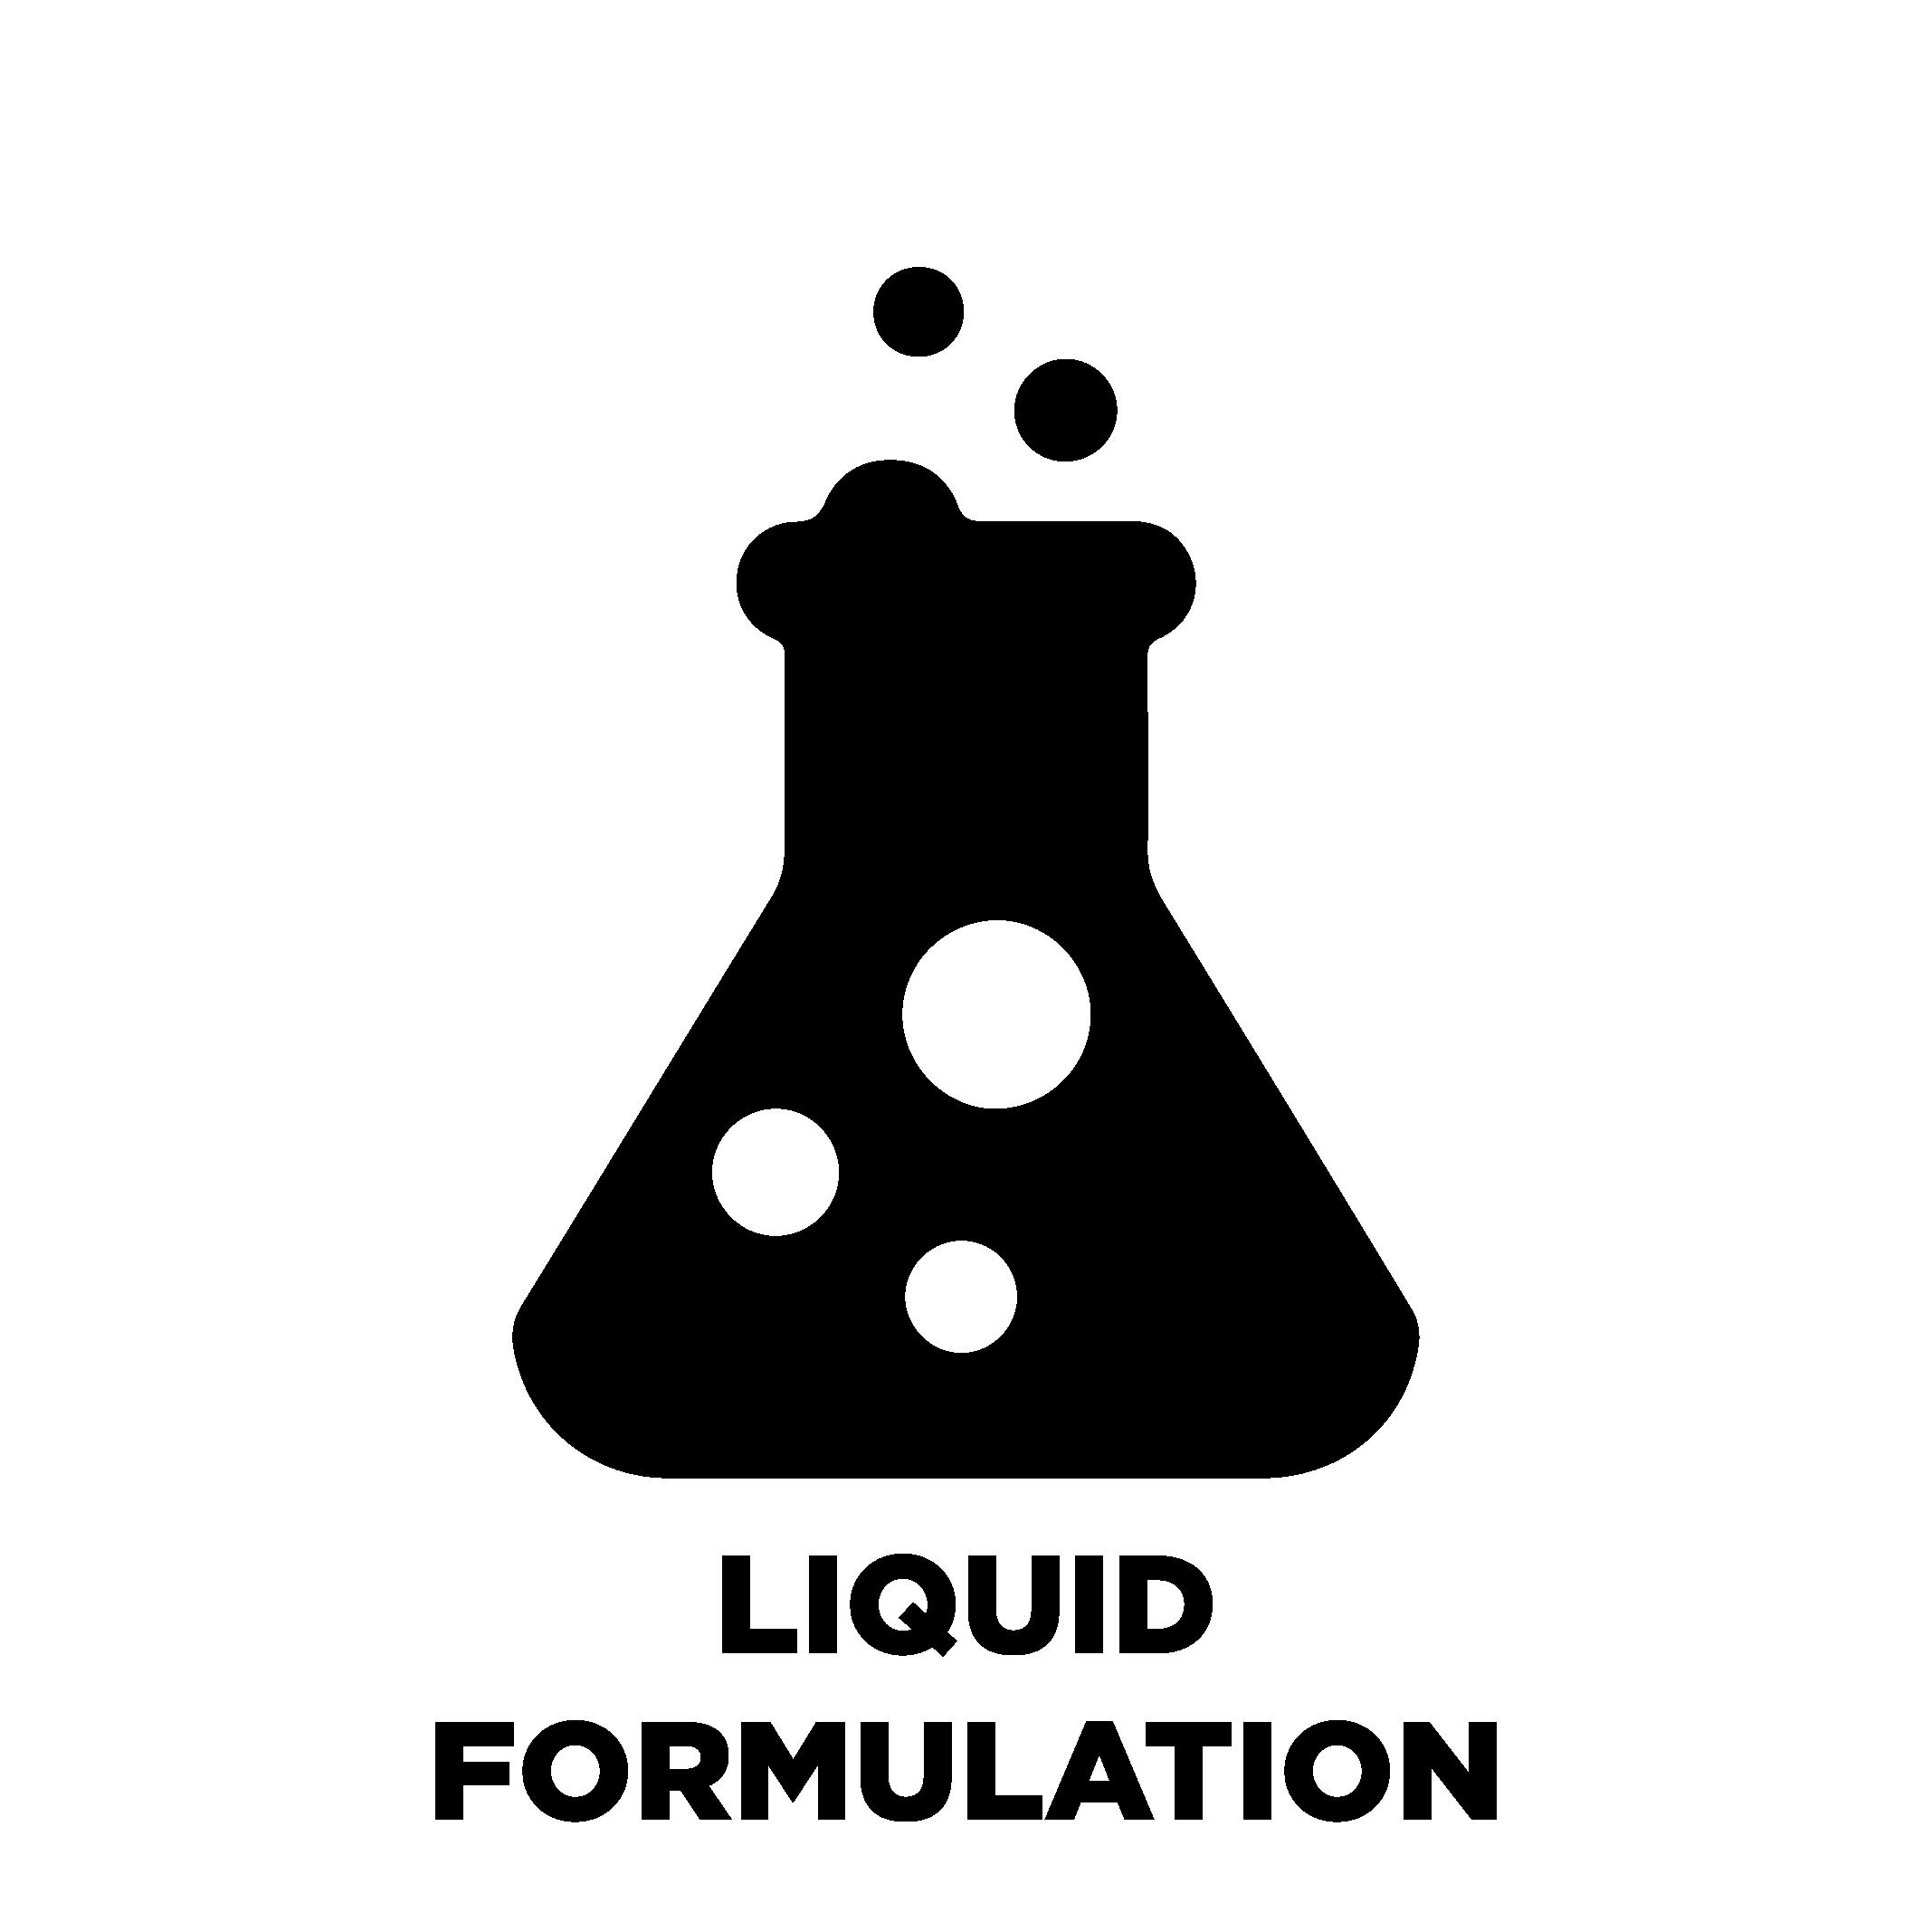 Liquid formulation